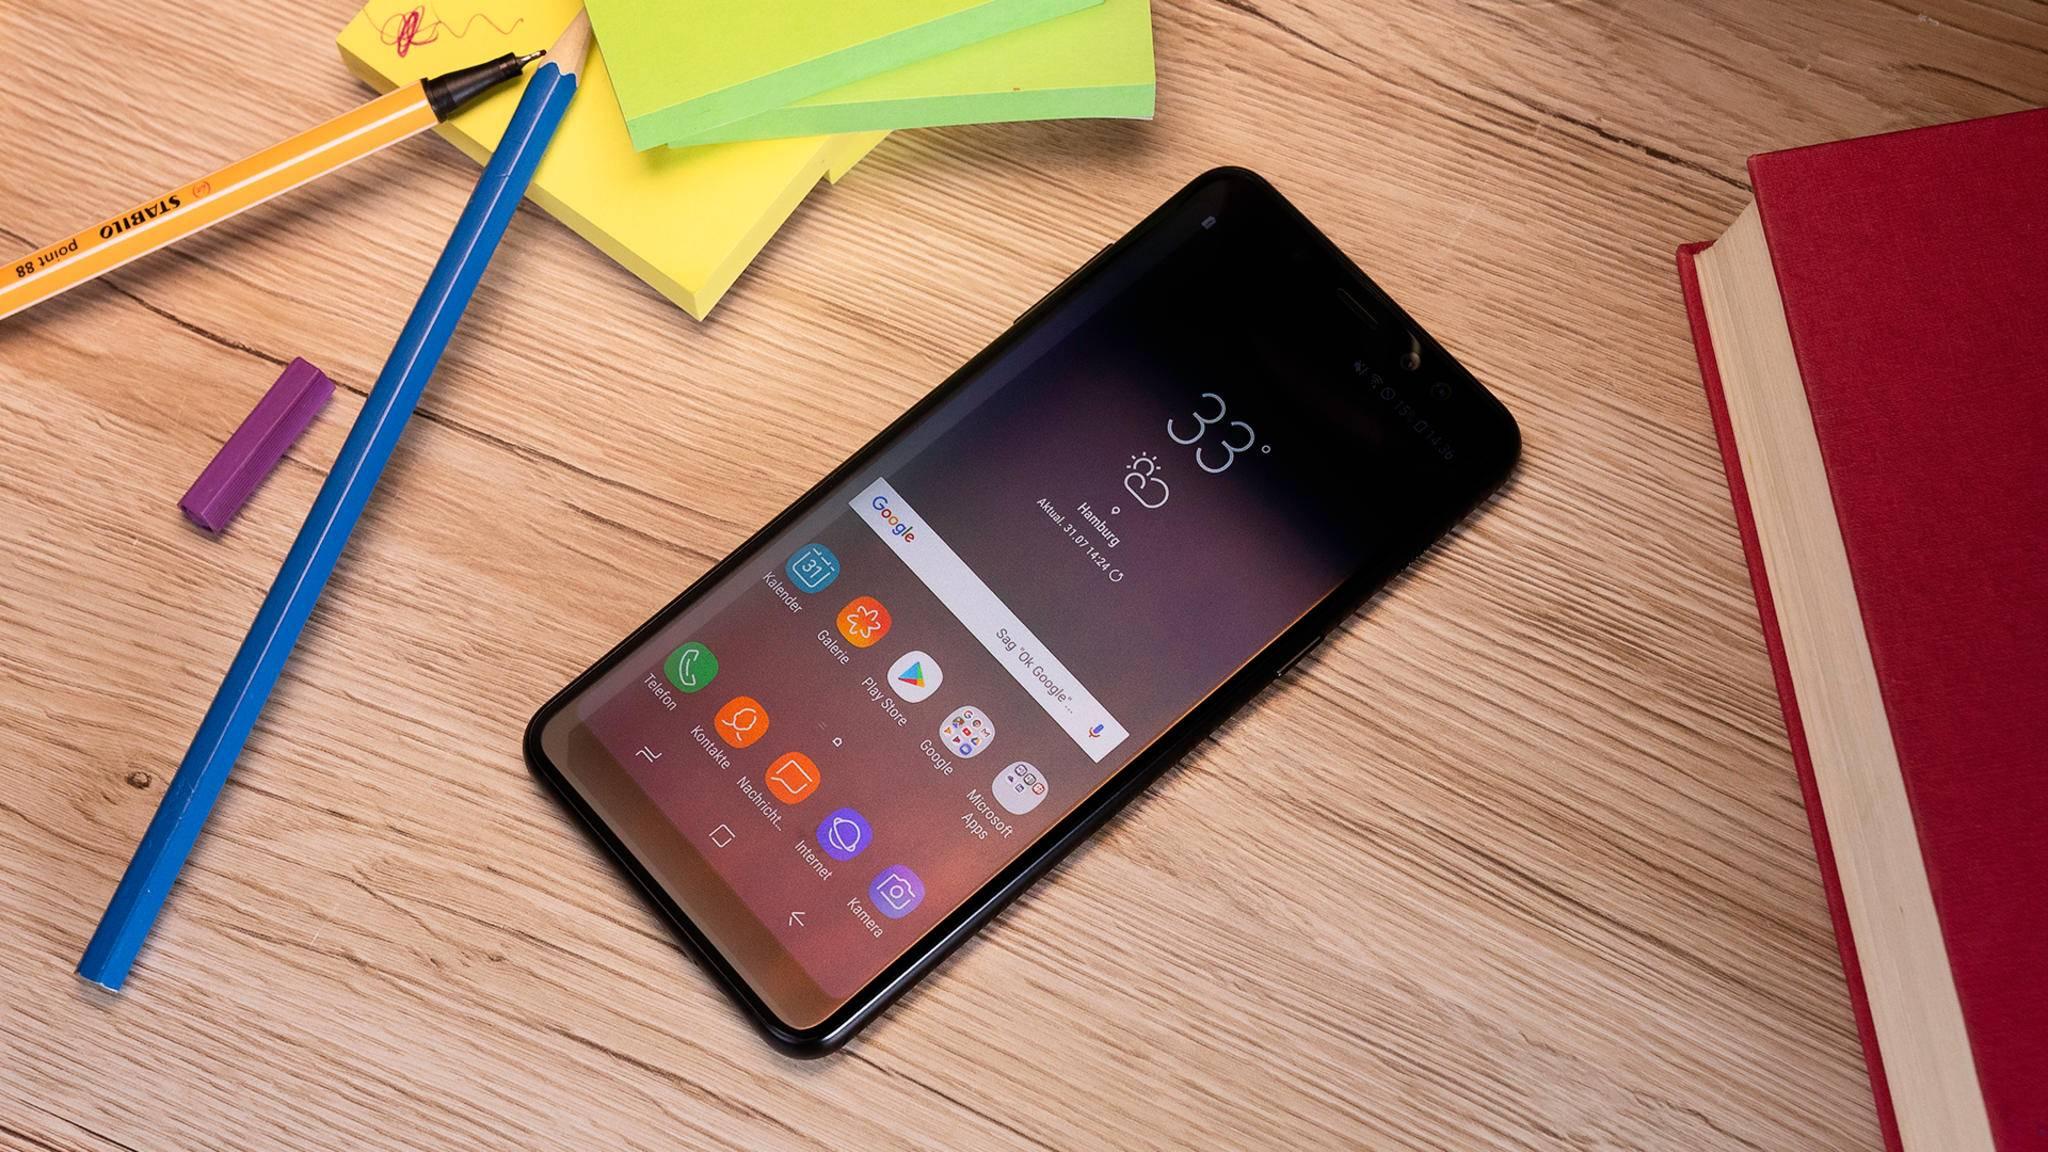 Wir haben uns die Features des Galaxy A8 (2018) einmal näher angesehen.